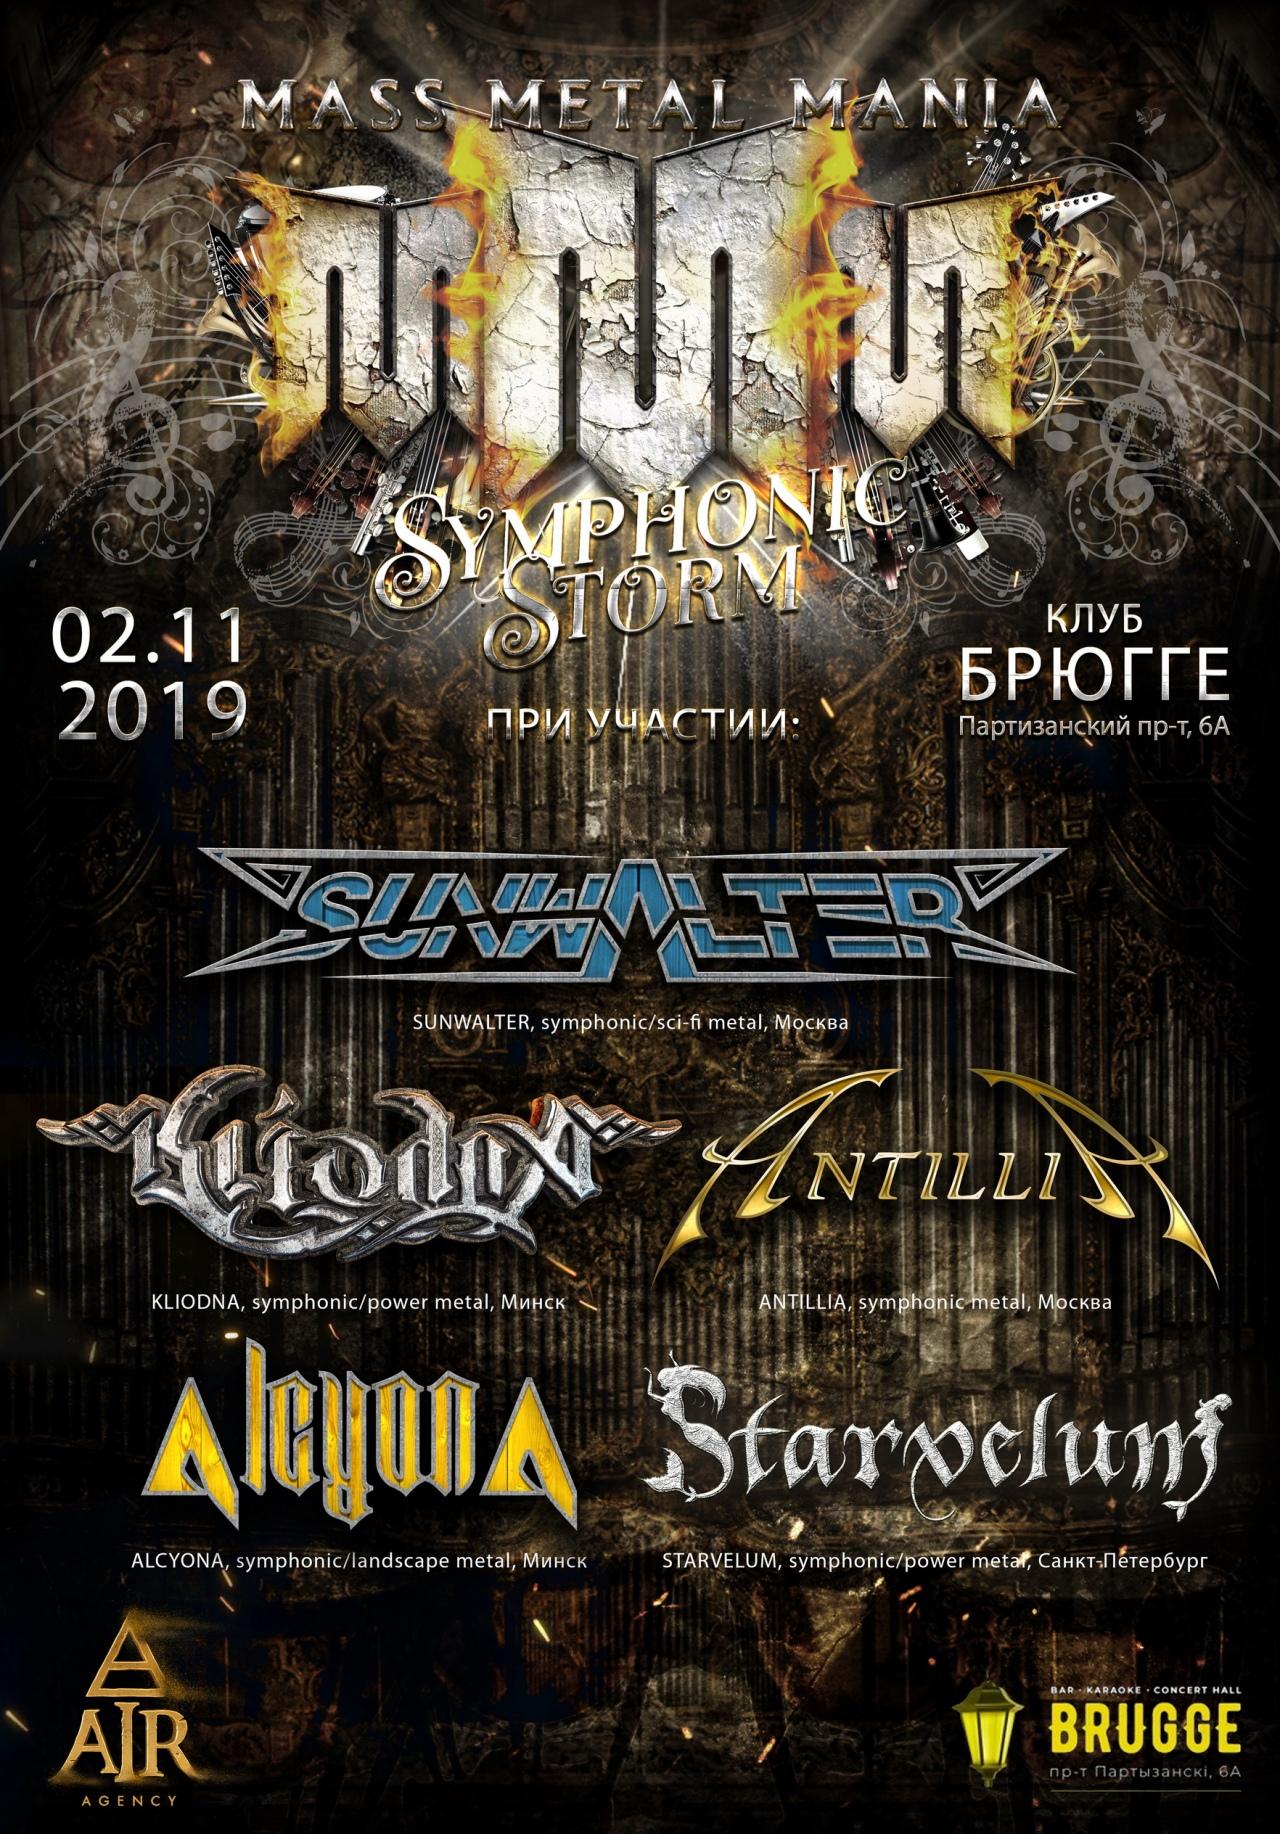 Mass Metal Mania - Symphonic Storm